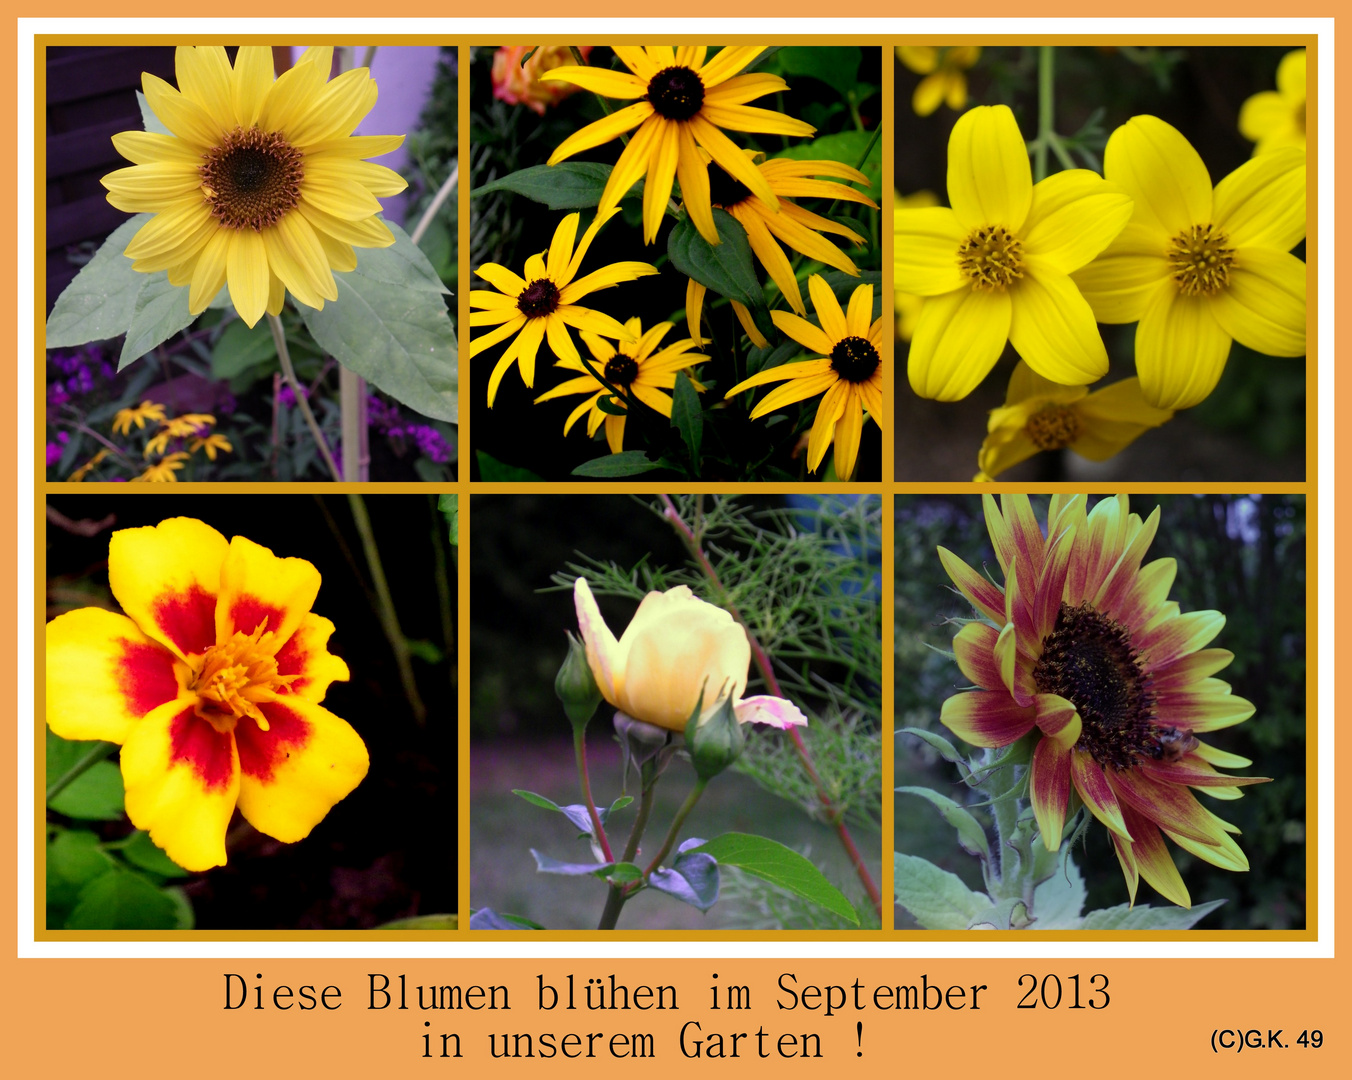 Diese Blumen erfreuen uns auch im September 2013 !